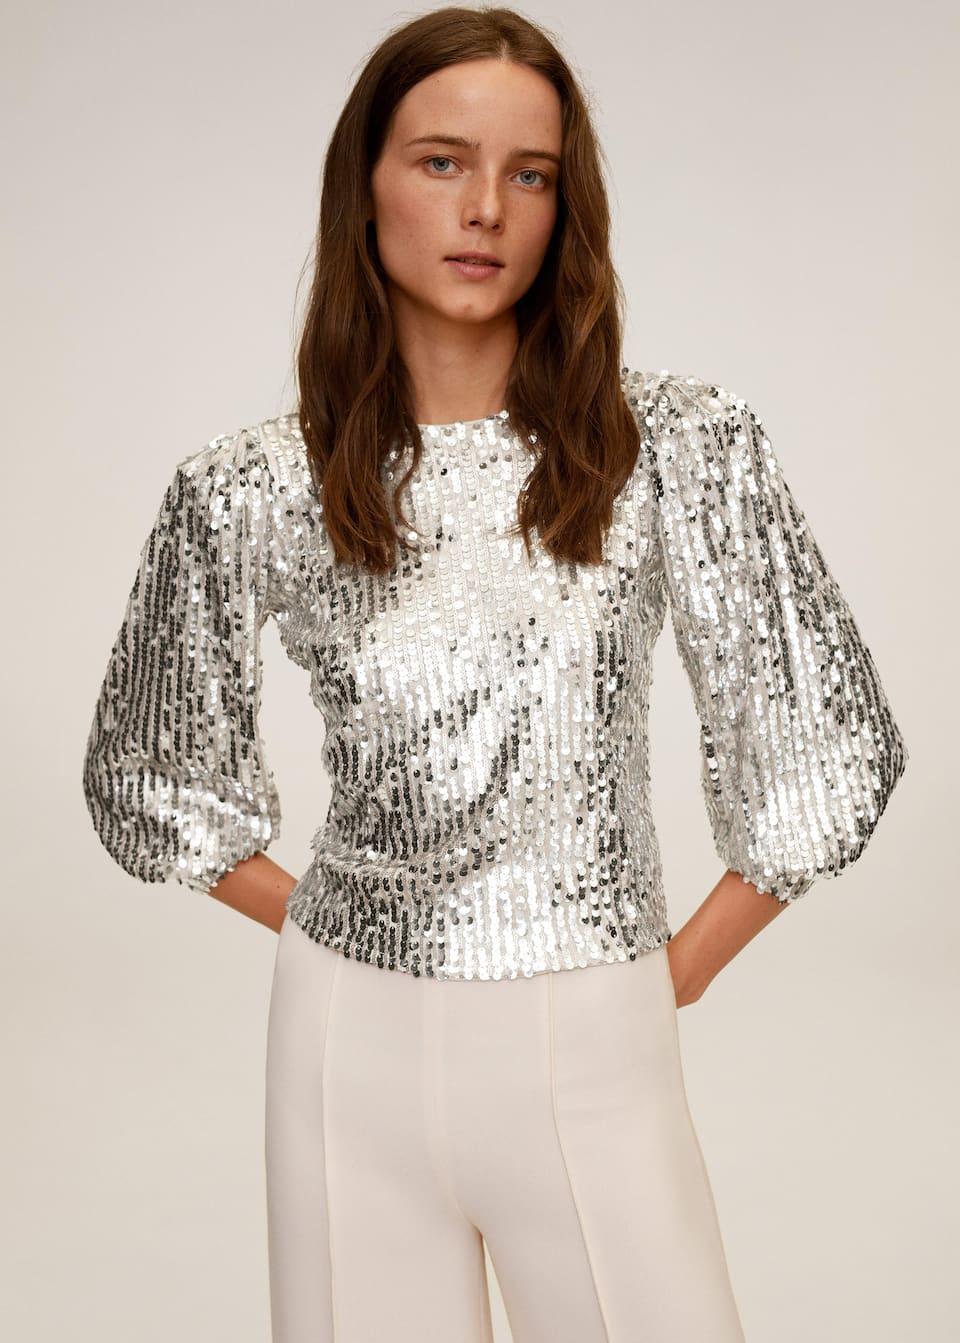 Sequin blouse - Medium plane